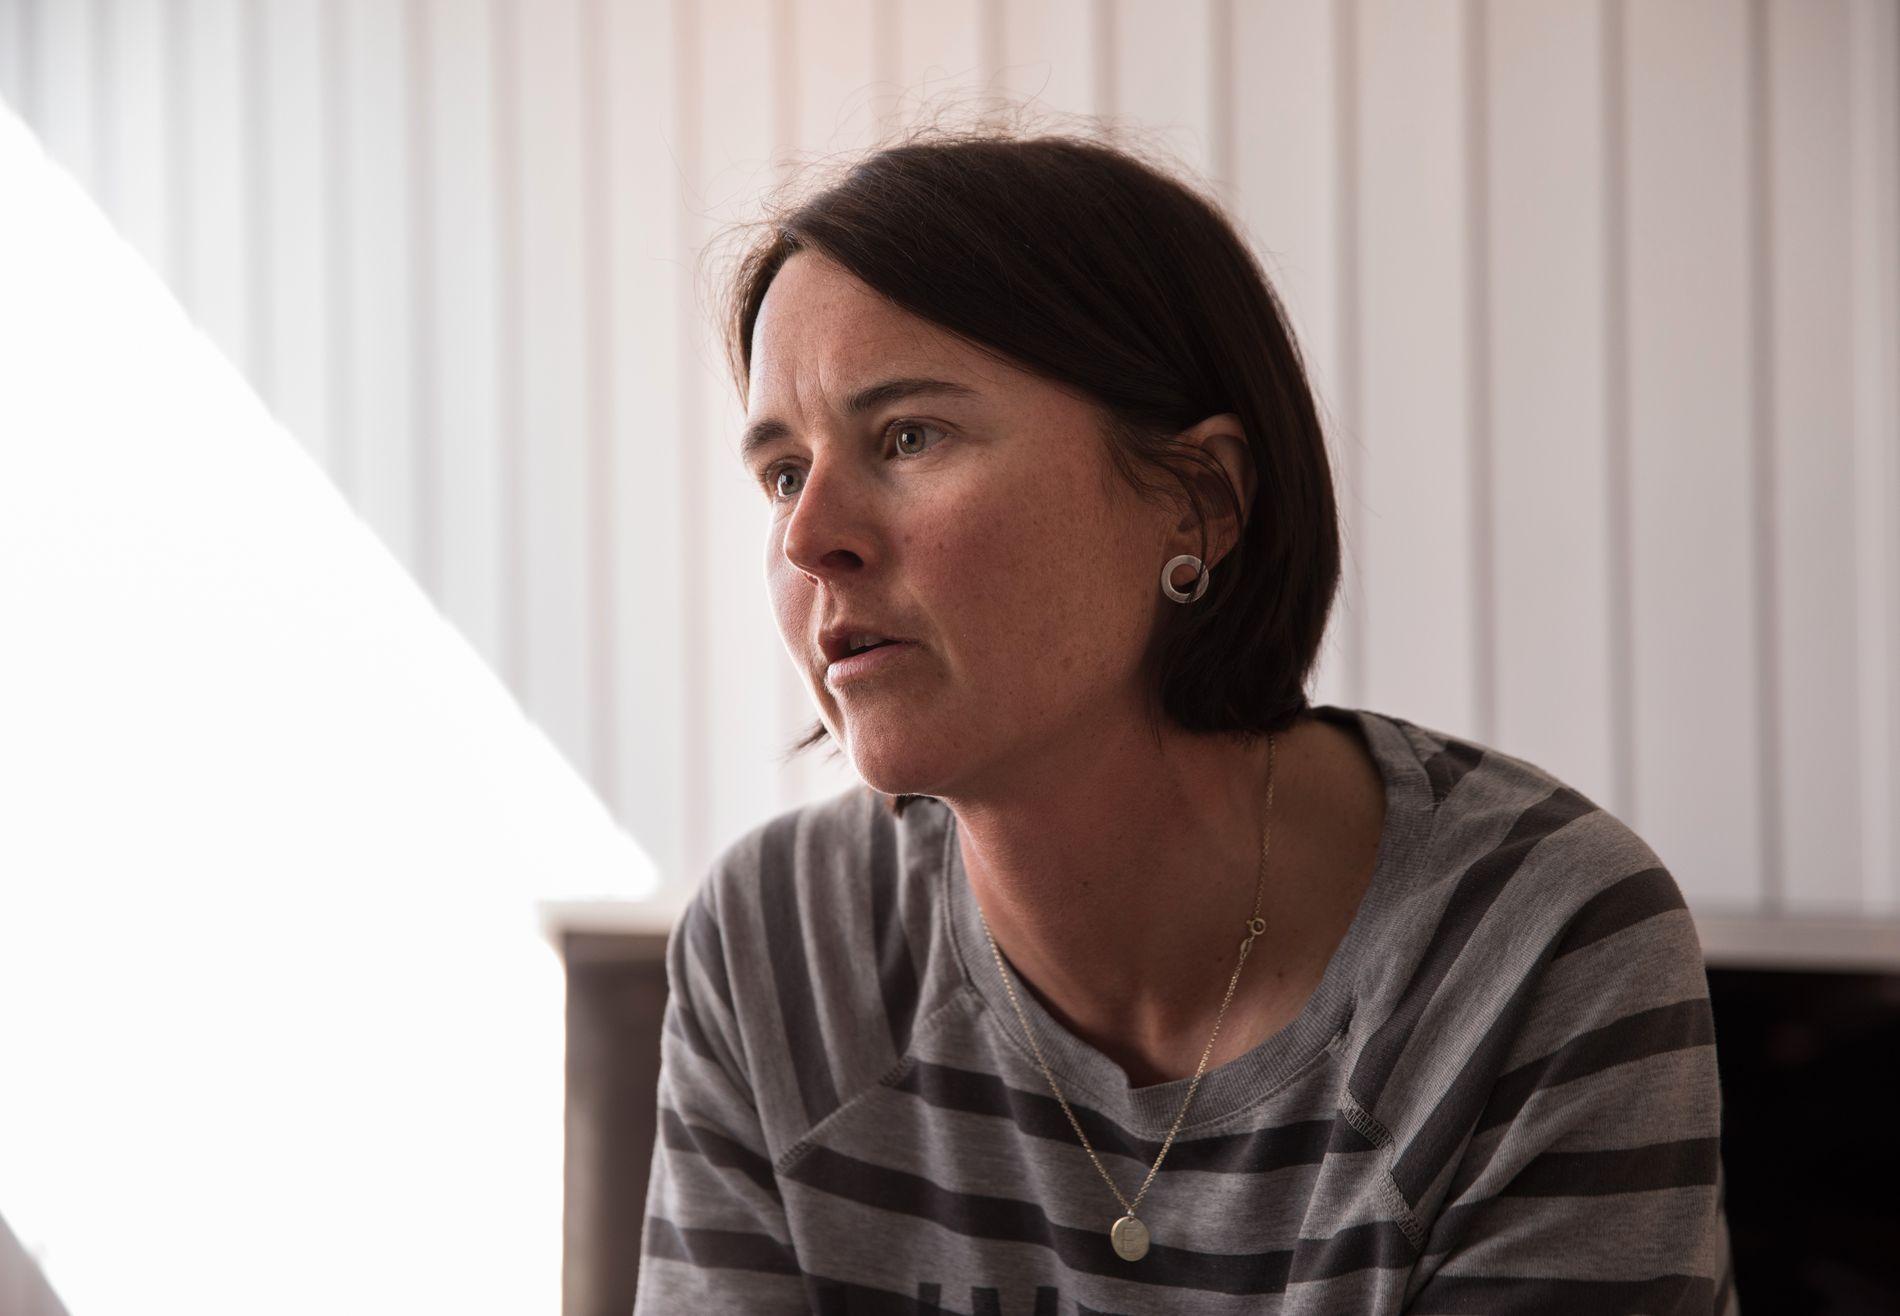 FORTVILET: Åshild Sporsheim sier hun ikke har kjent ordentlig på savnet etter faren, fordi hun er så sint på kommunene som hadde ansvaret for oppfølgingen av ham.